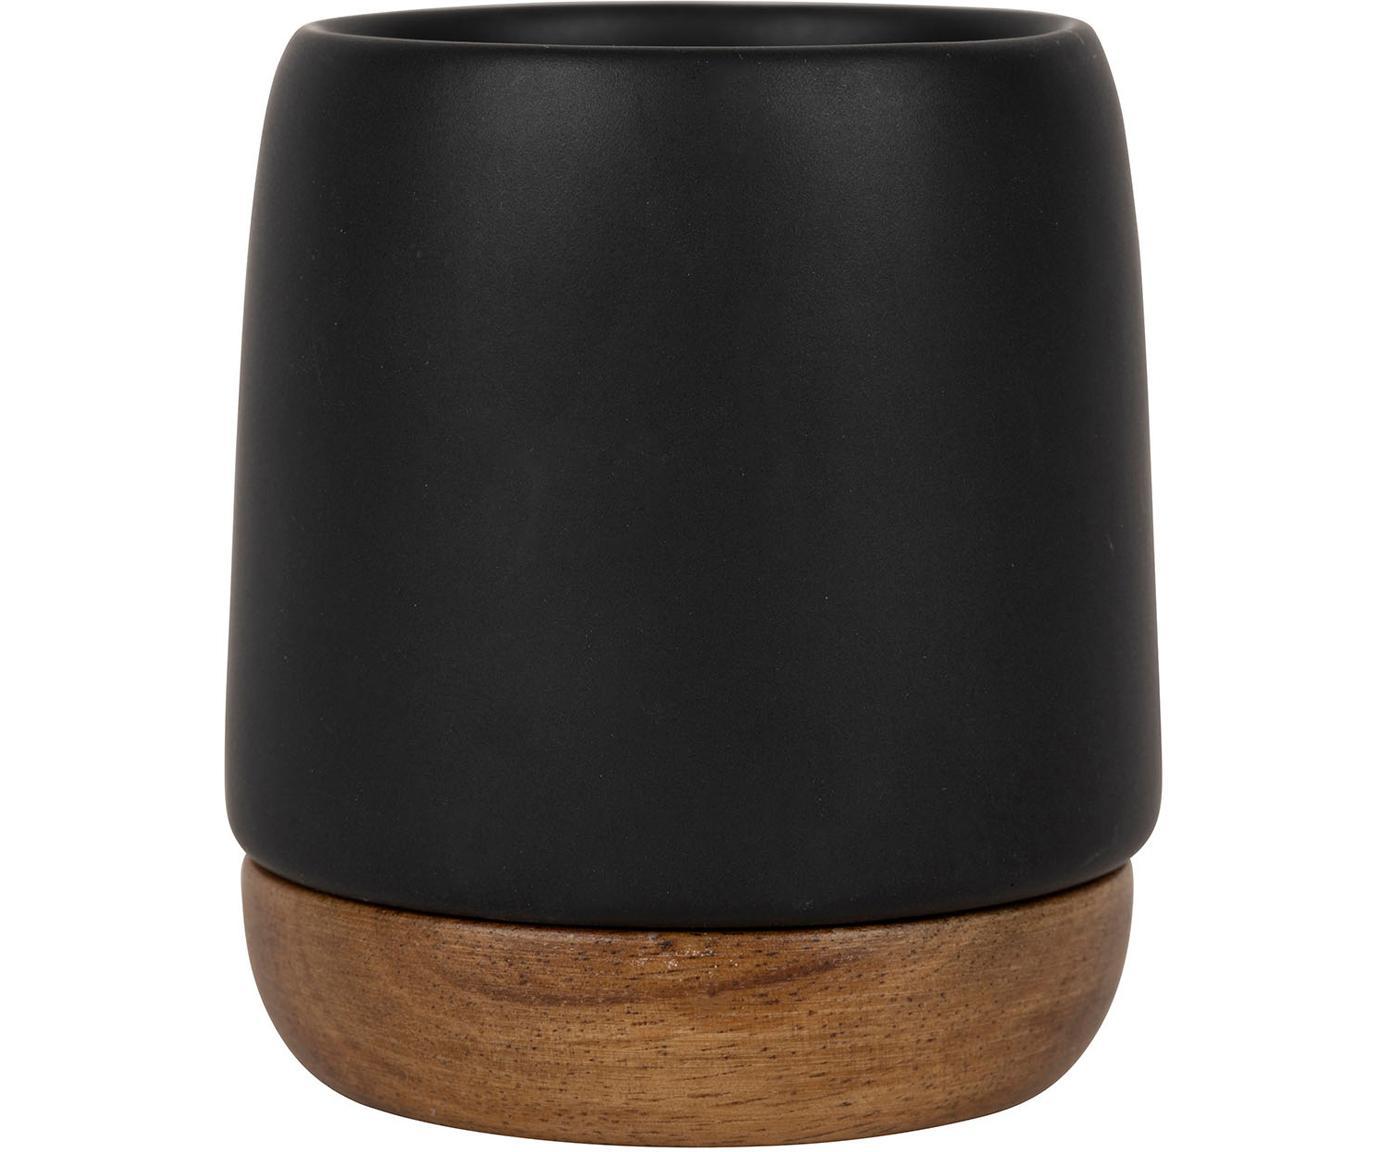 Tazza in terracotta e legno di acacia Nordika 2 pz, Terracotta, legno d'acacia, Nero, marrone, Ø 6 x Alt. 8 cm